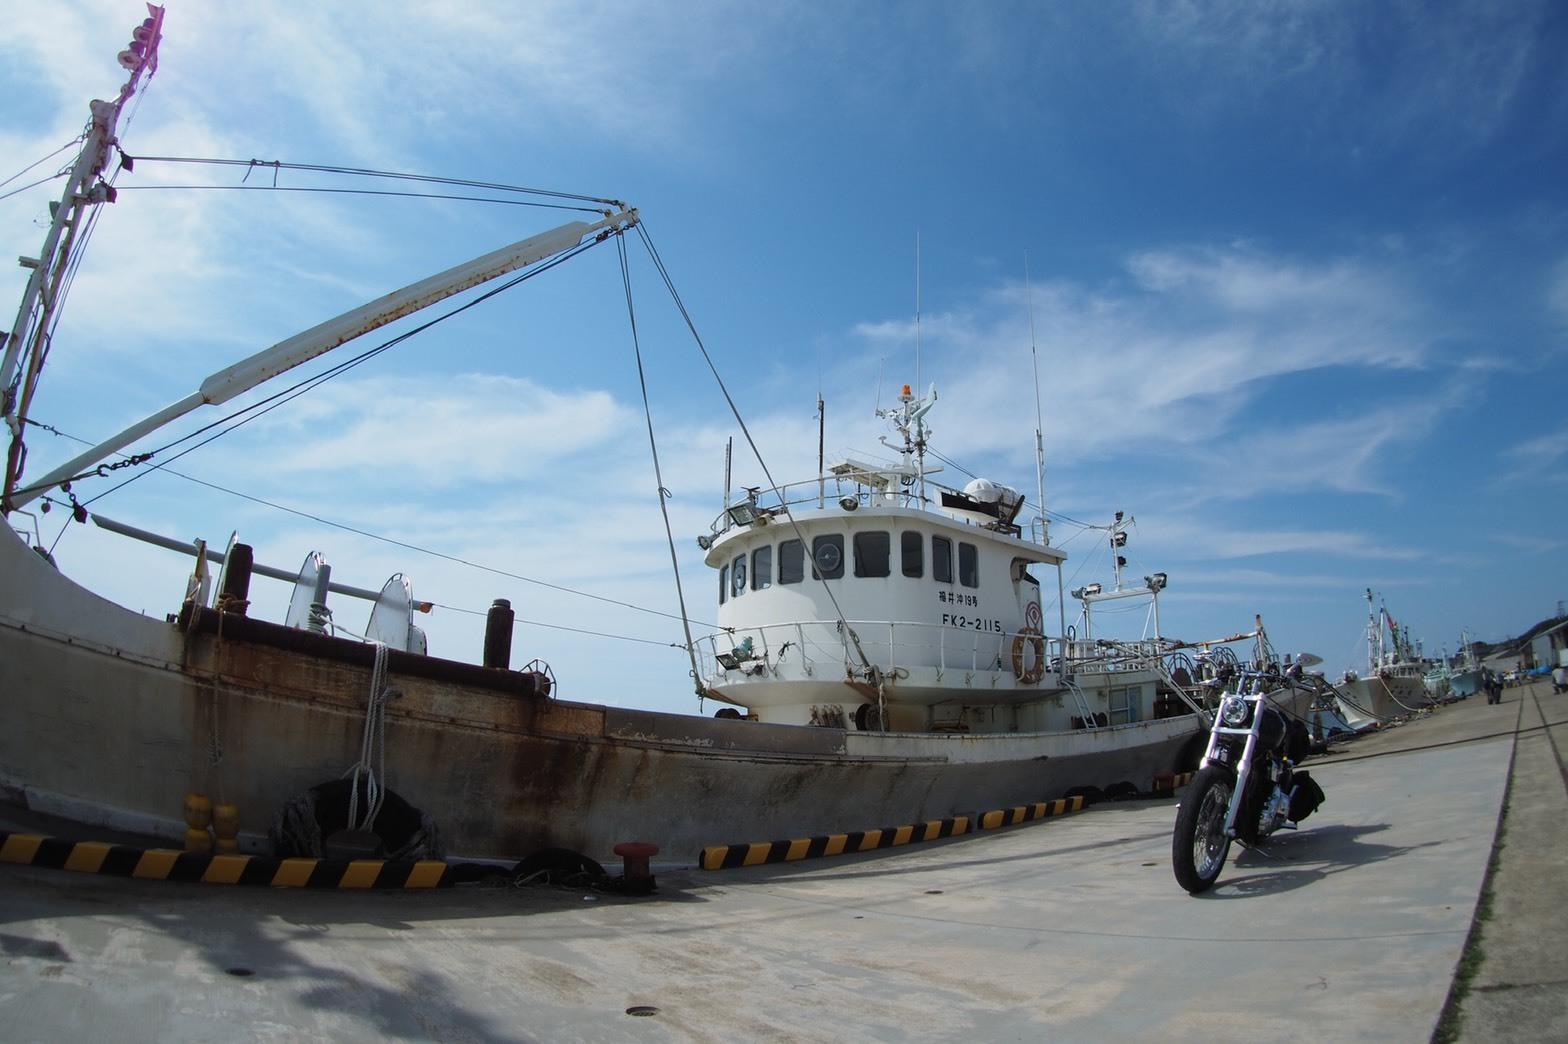 ぴーきちハーレーブログ 福井金沢ツーリング 三国港 漁船